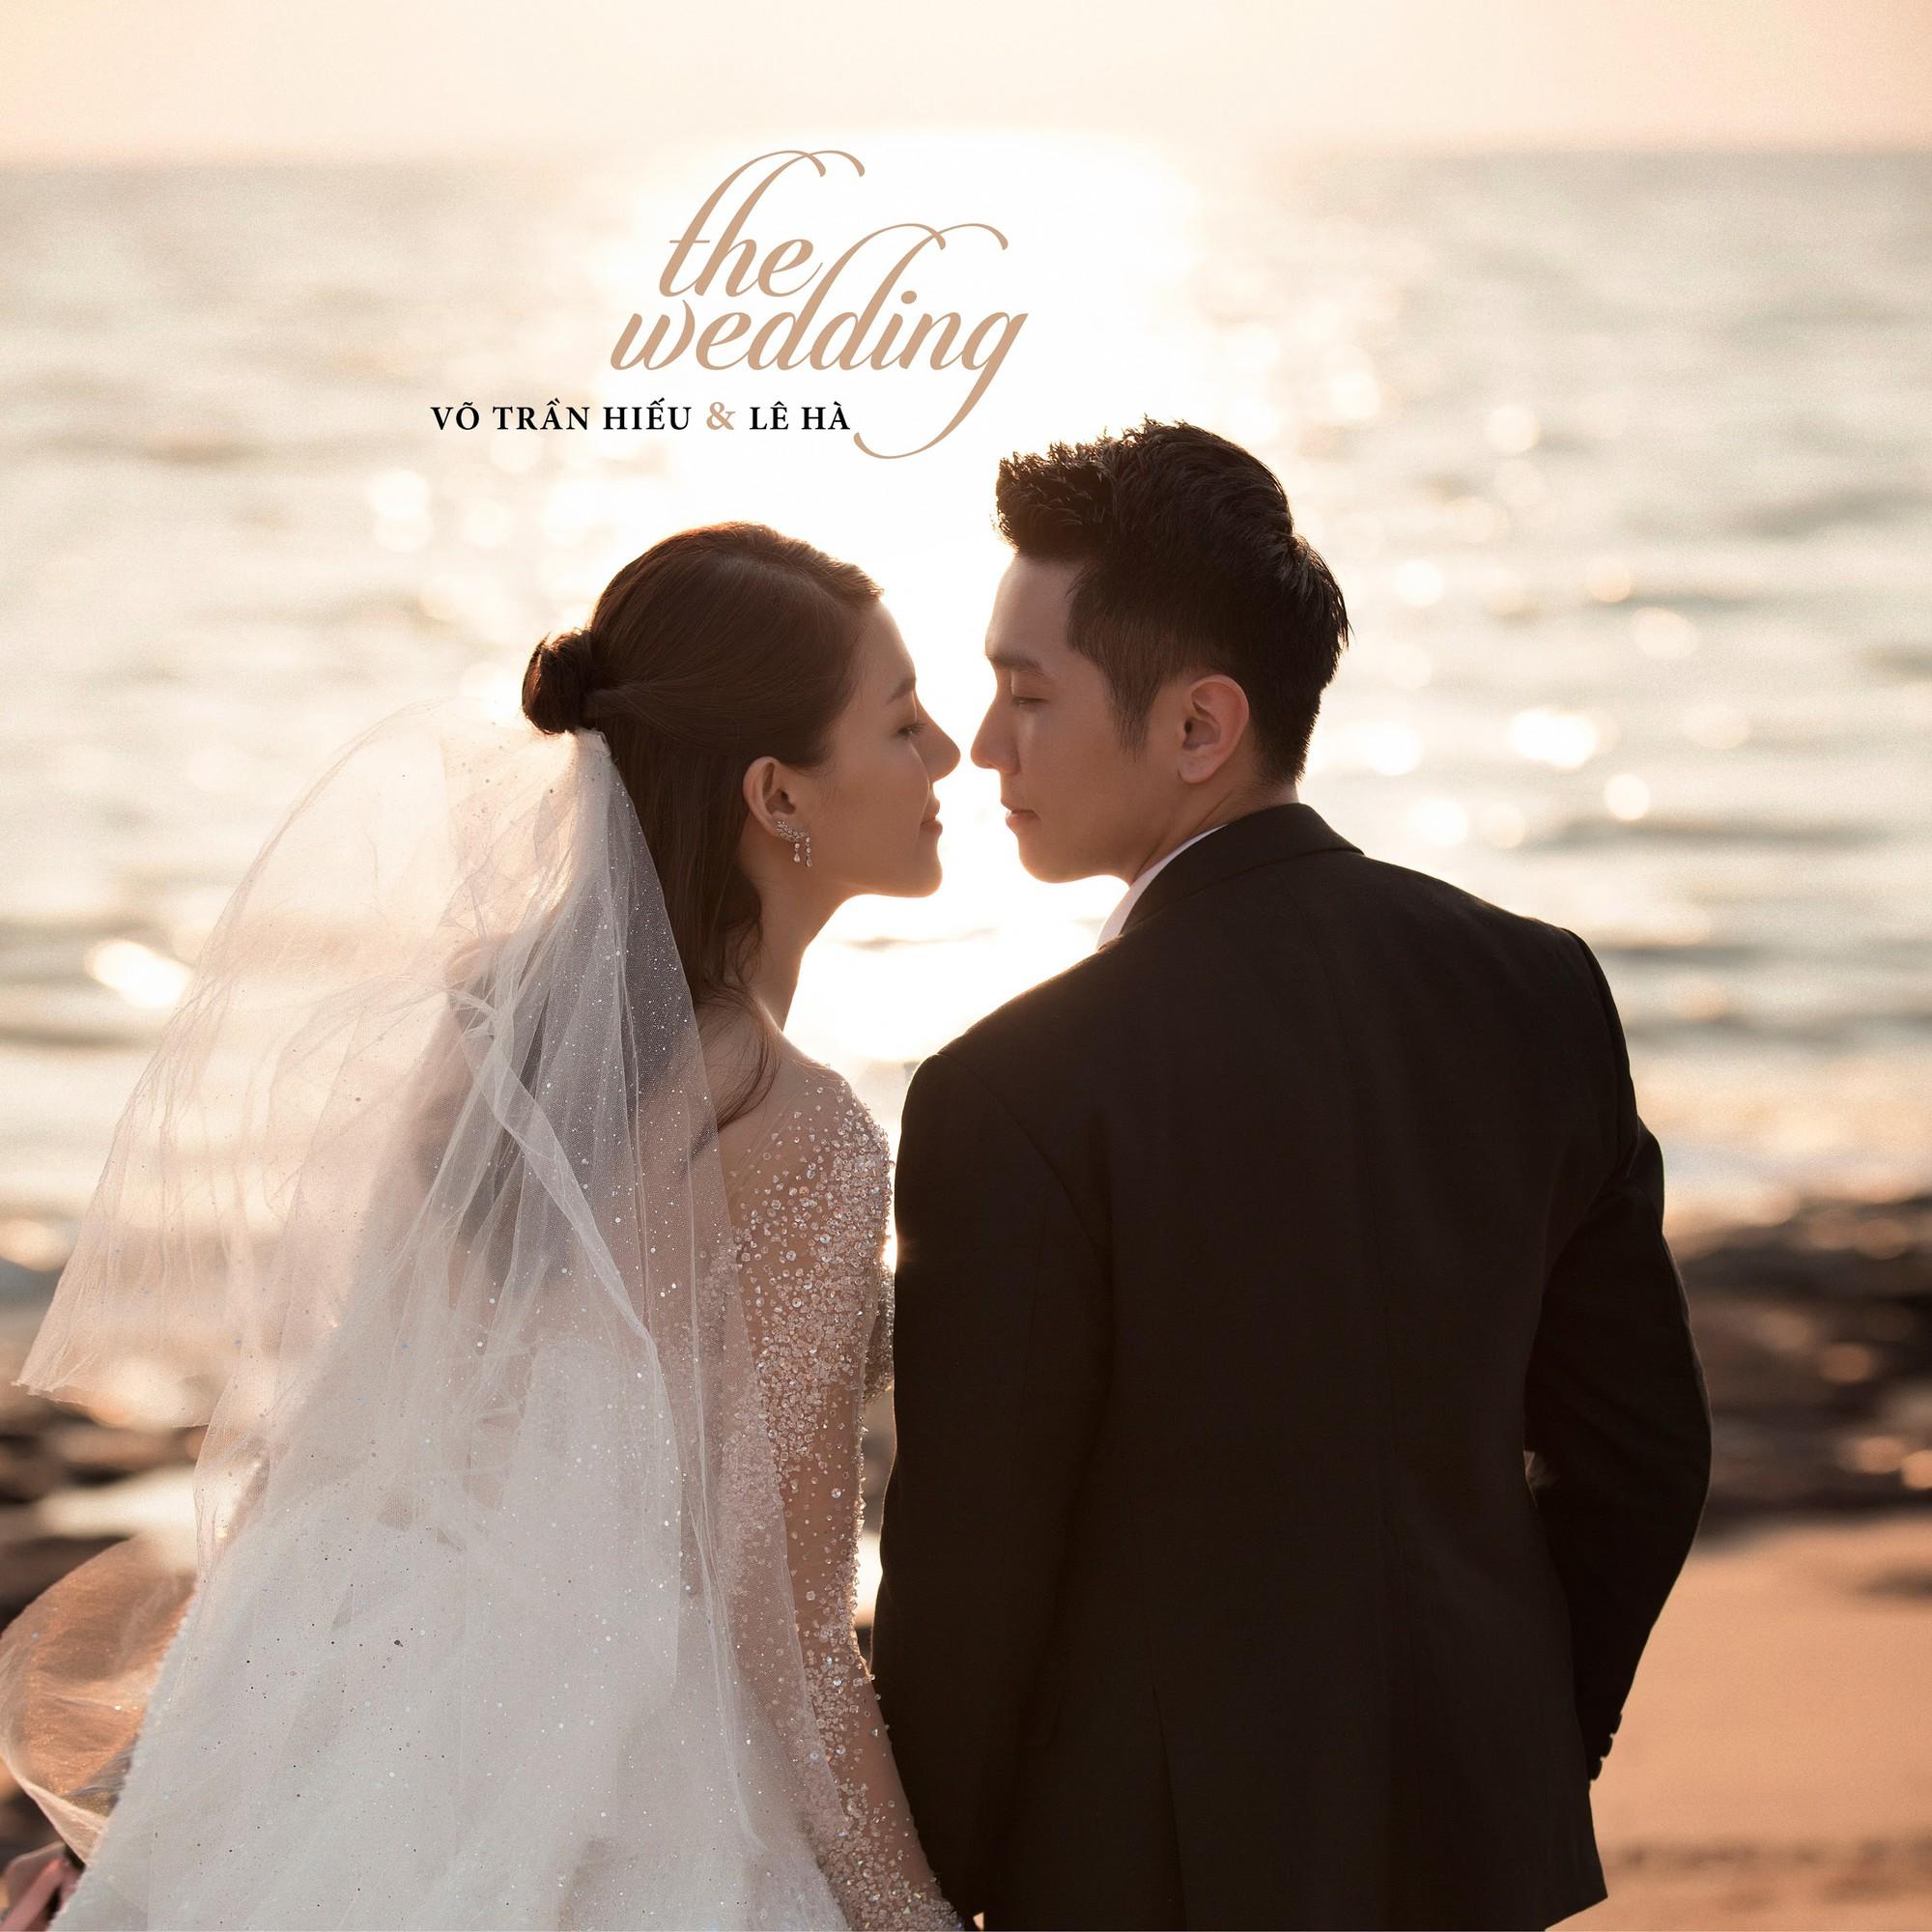 Cận ngày trọng đại, Lê Hà tung trọn bộ ảnh cưới lãng mạn chẳng kém phim Hàn cùng hôn phu điển trai - Ảnh 4.